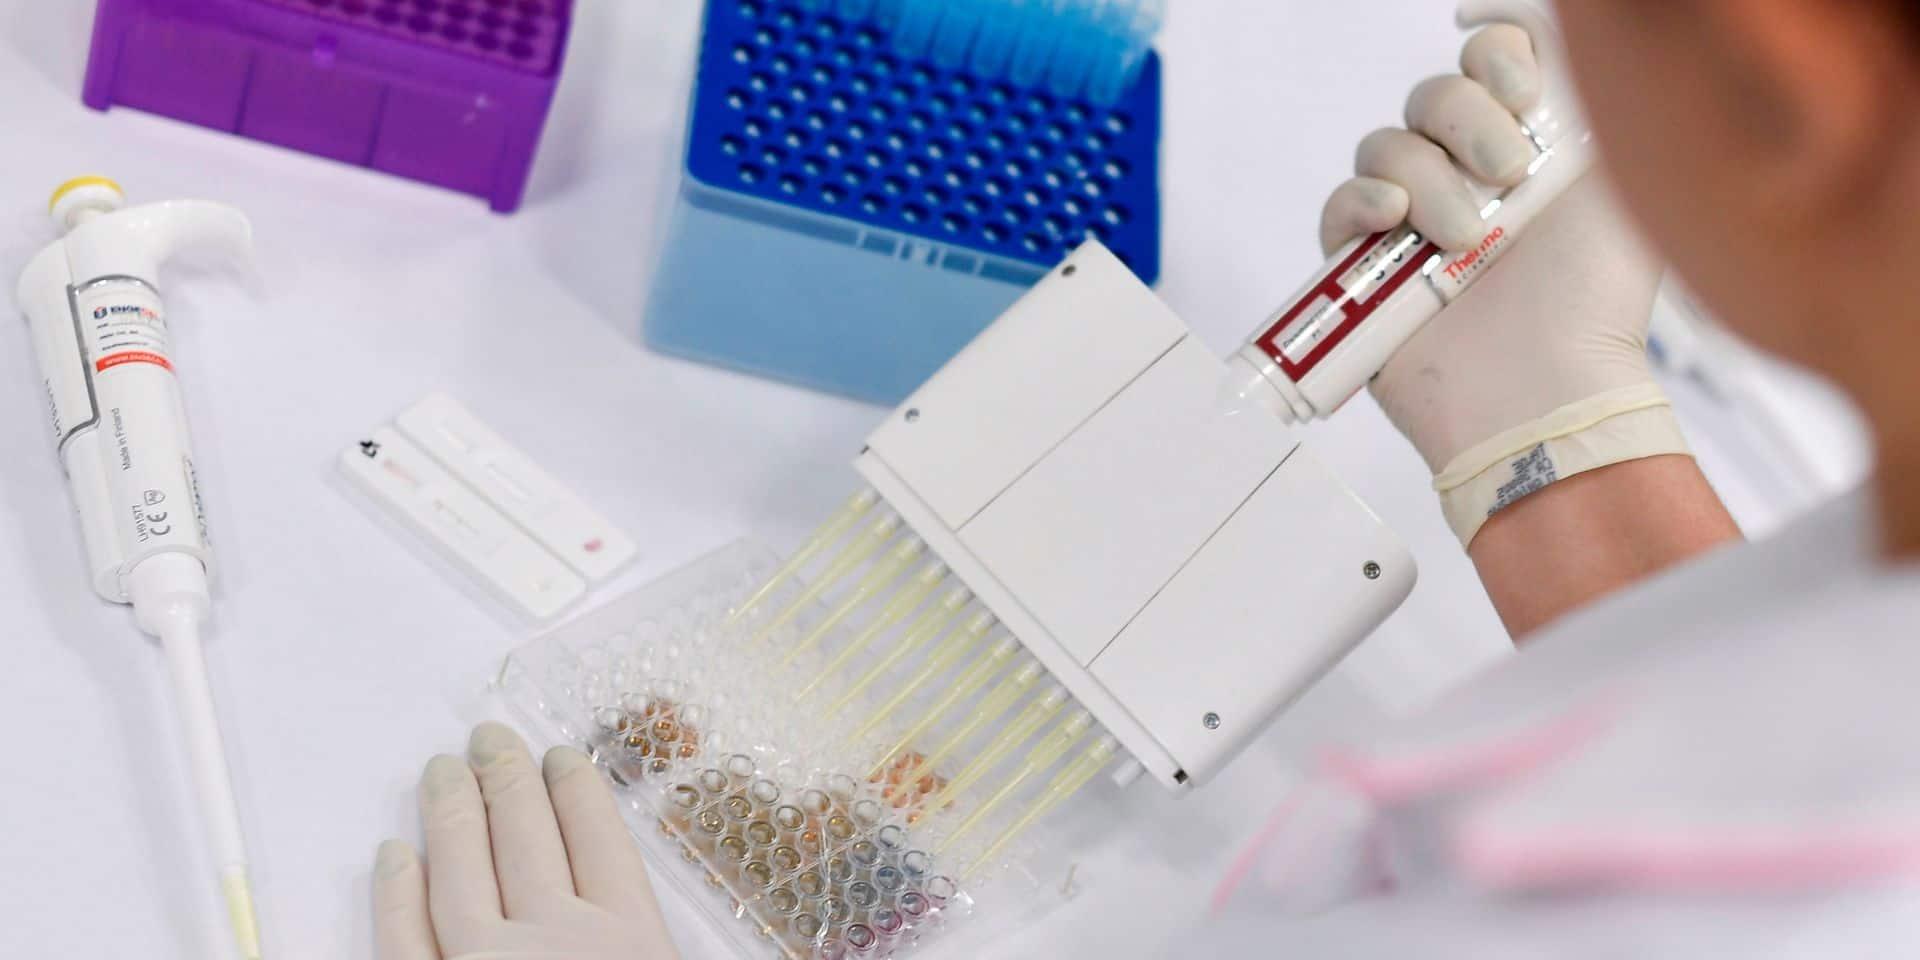 Une entreprise d'Oostkamp veut commercialiser un vaccin d'ici l'automne 2021: elle affirme avoir obtenu des résultats prometteurs